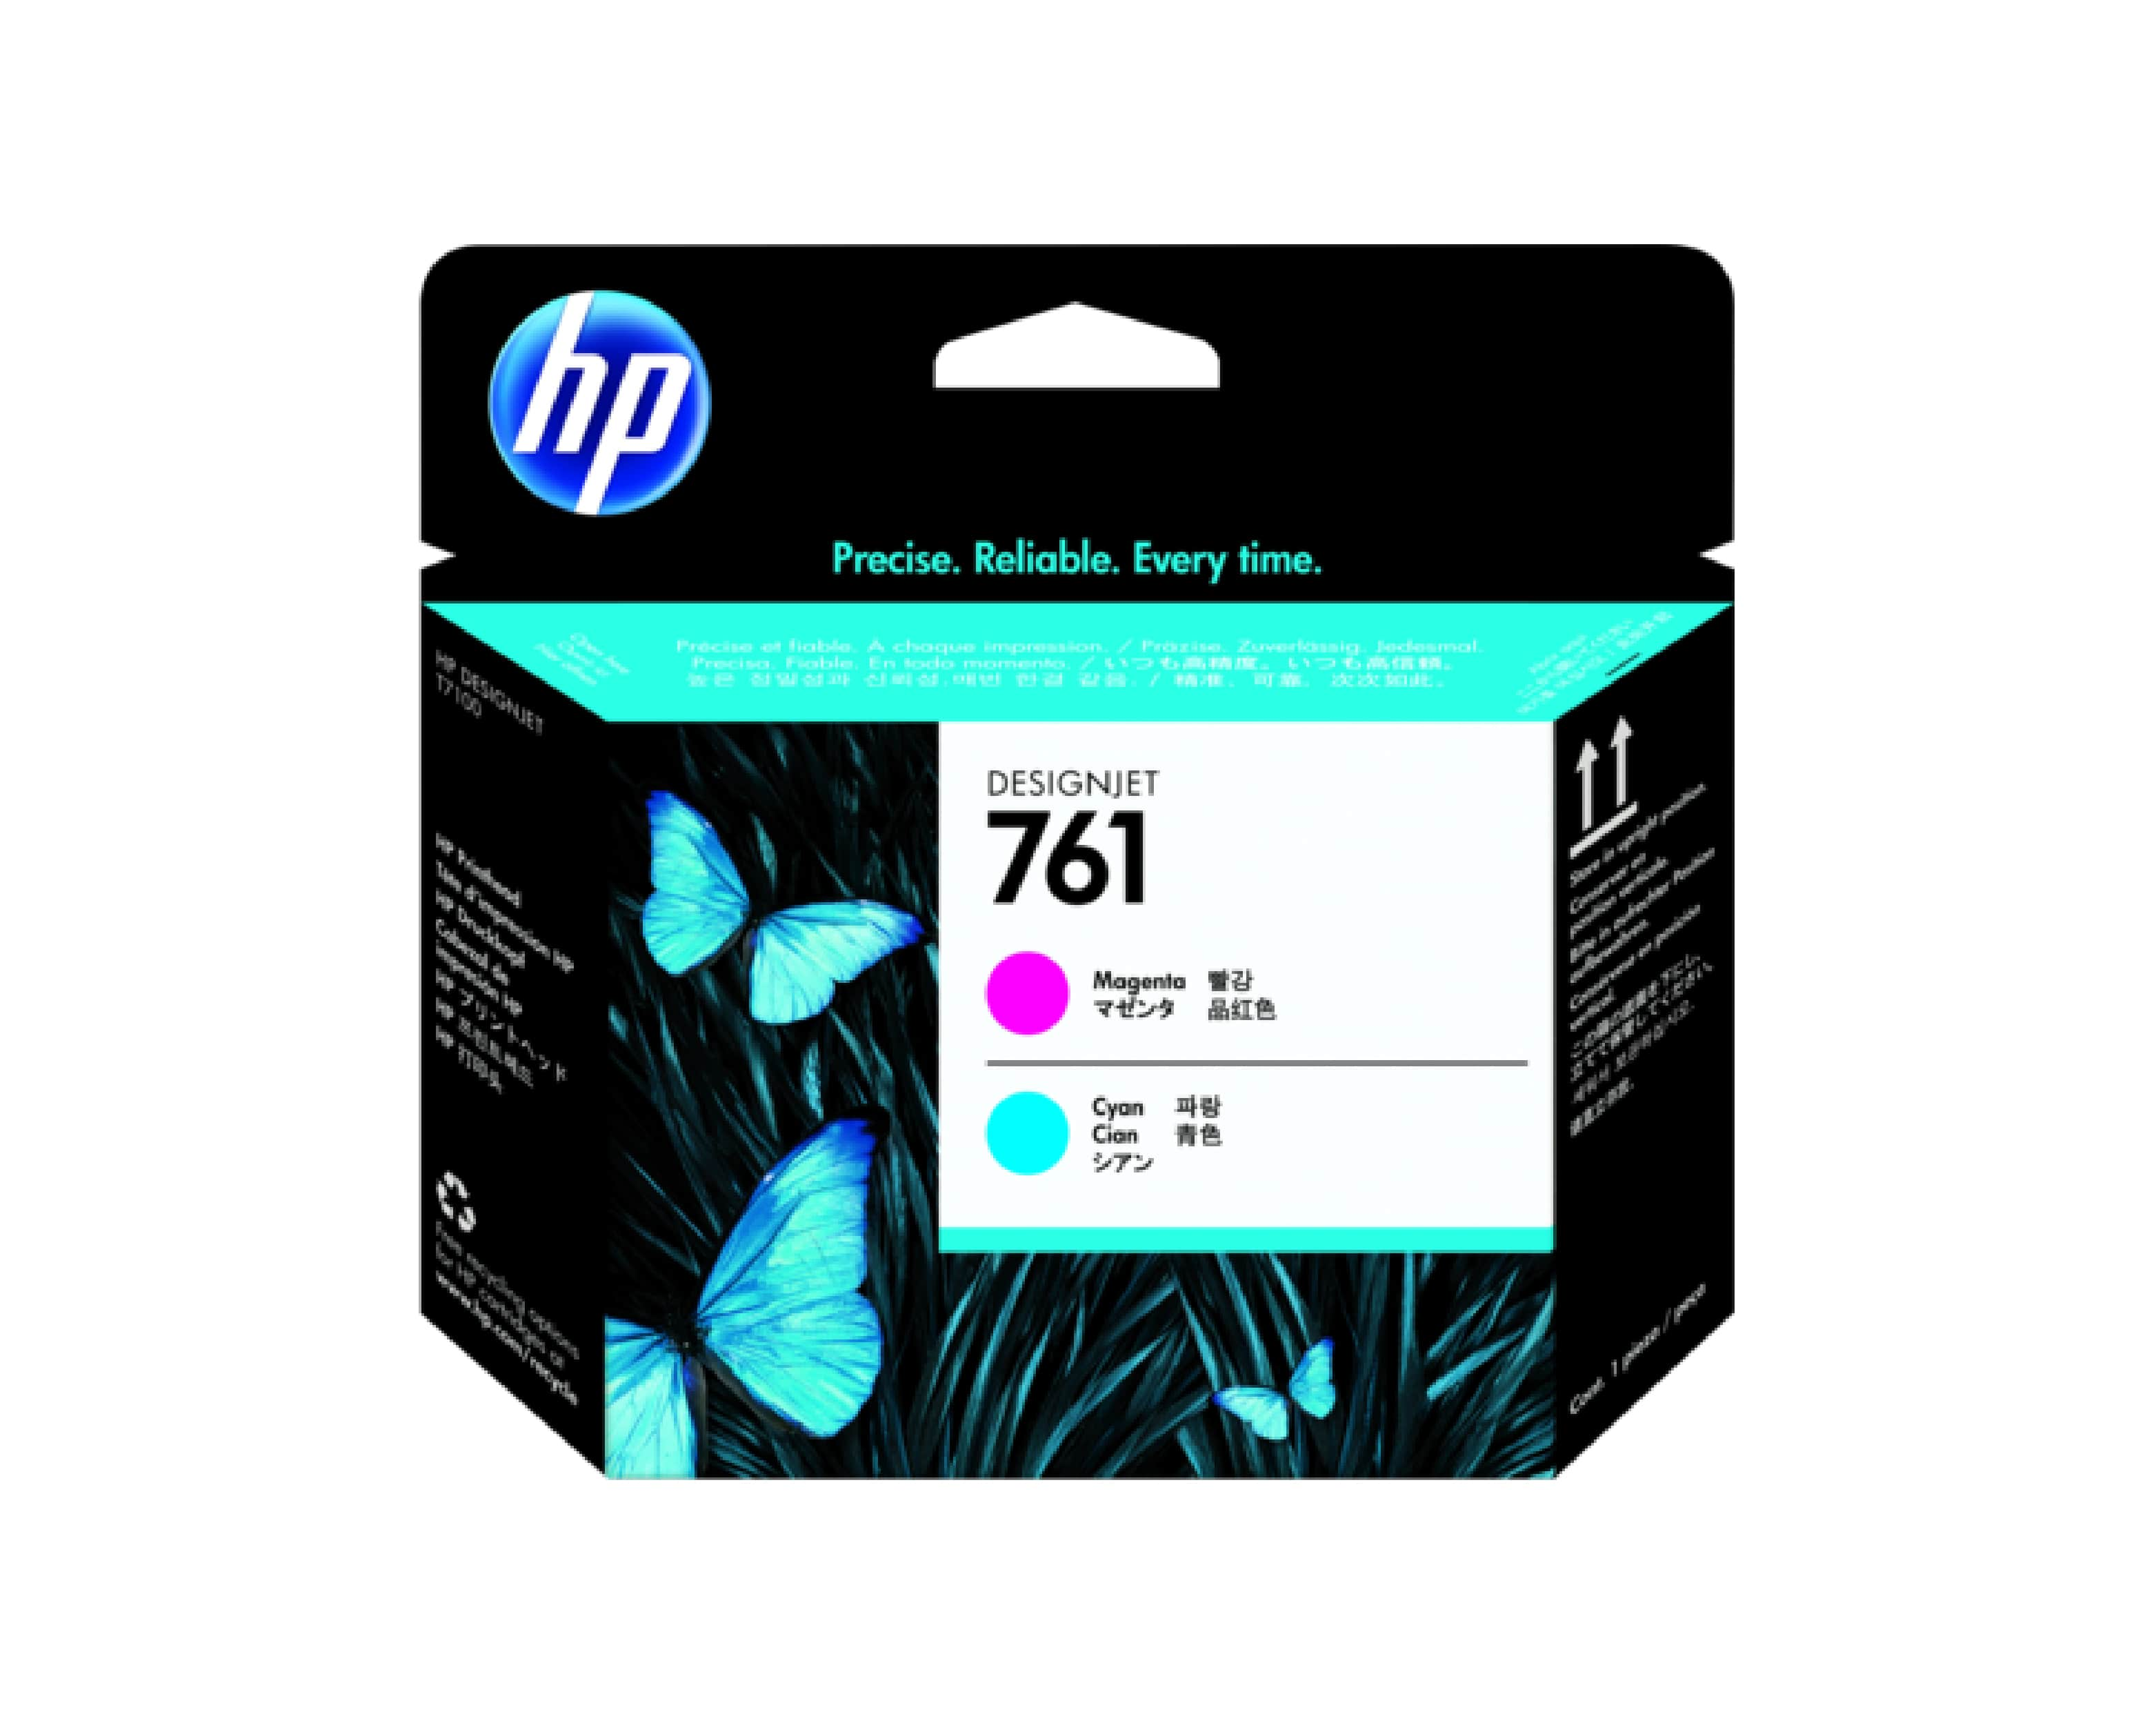 HP 761 DesignJet Printhead - Magenta & Cyan